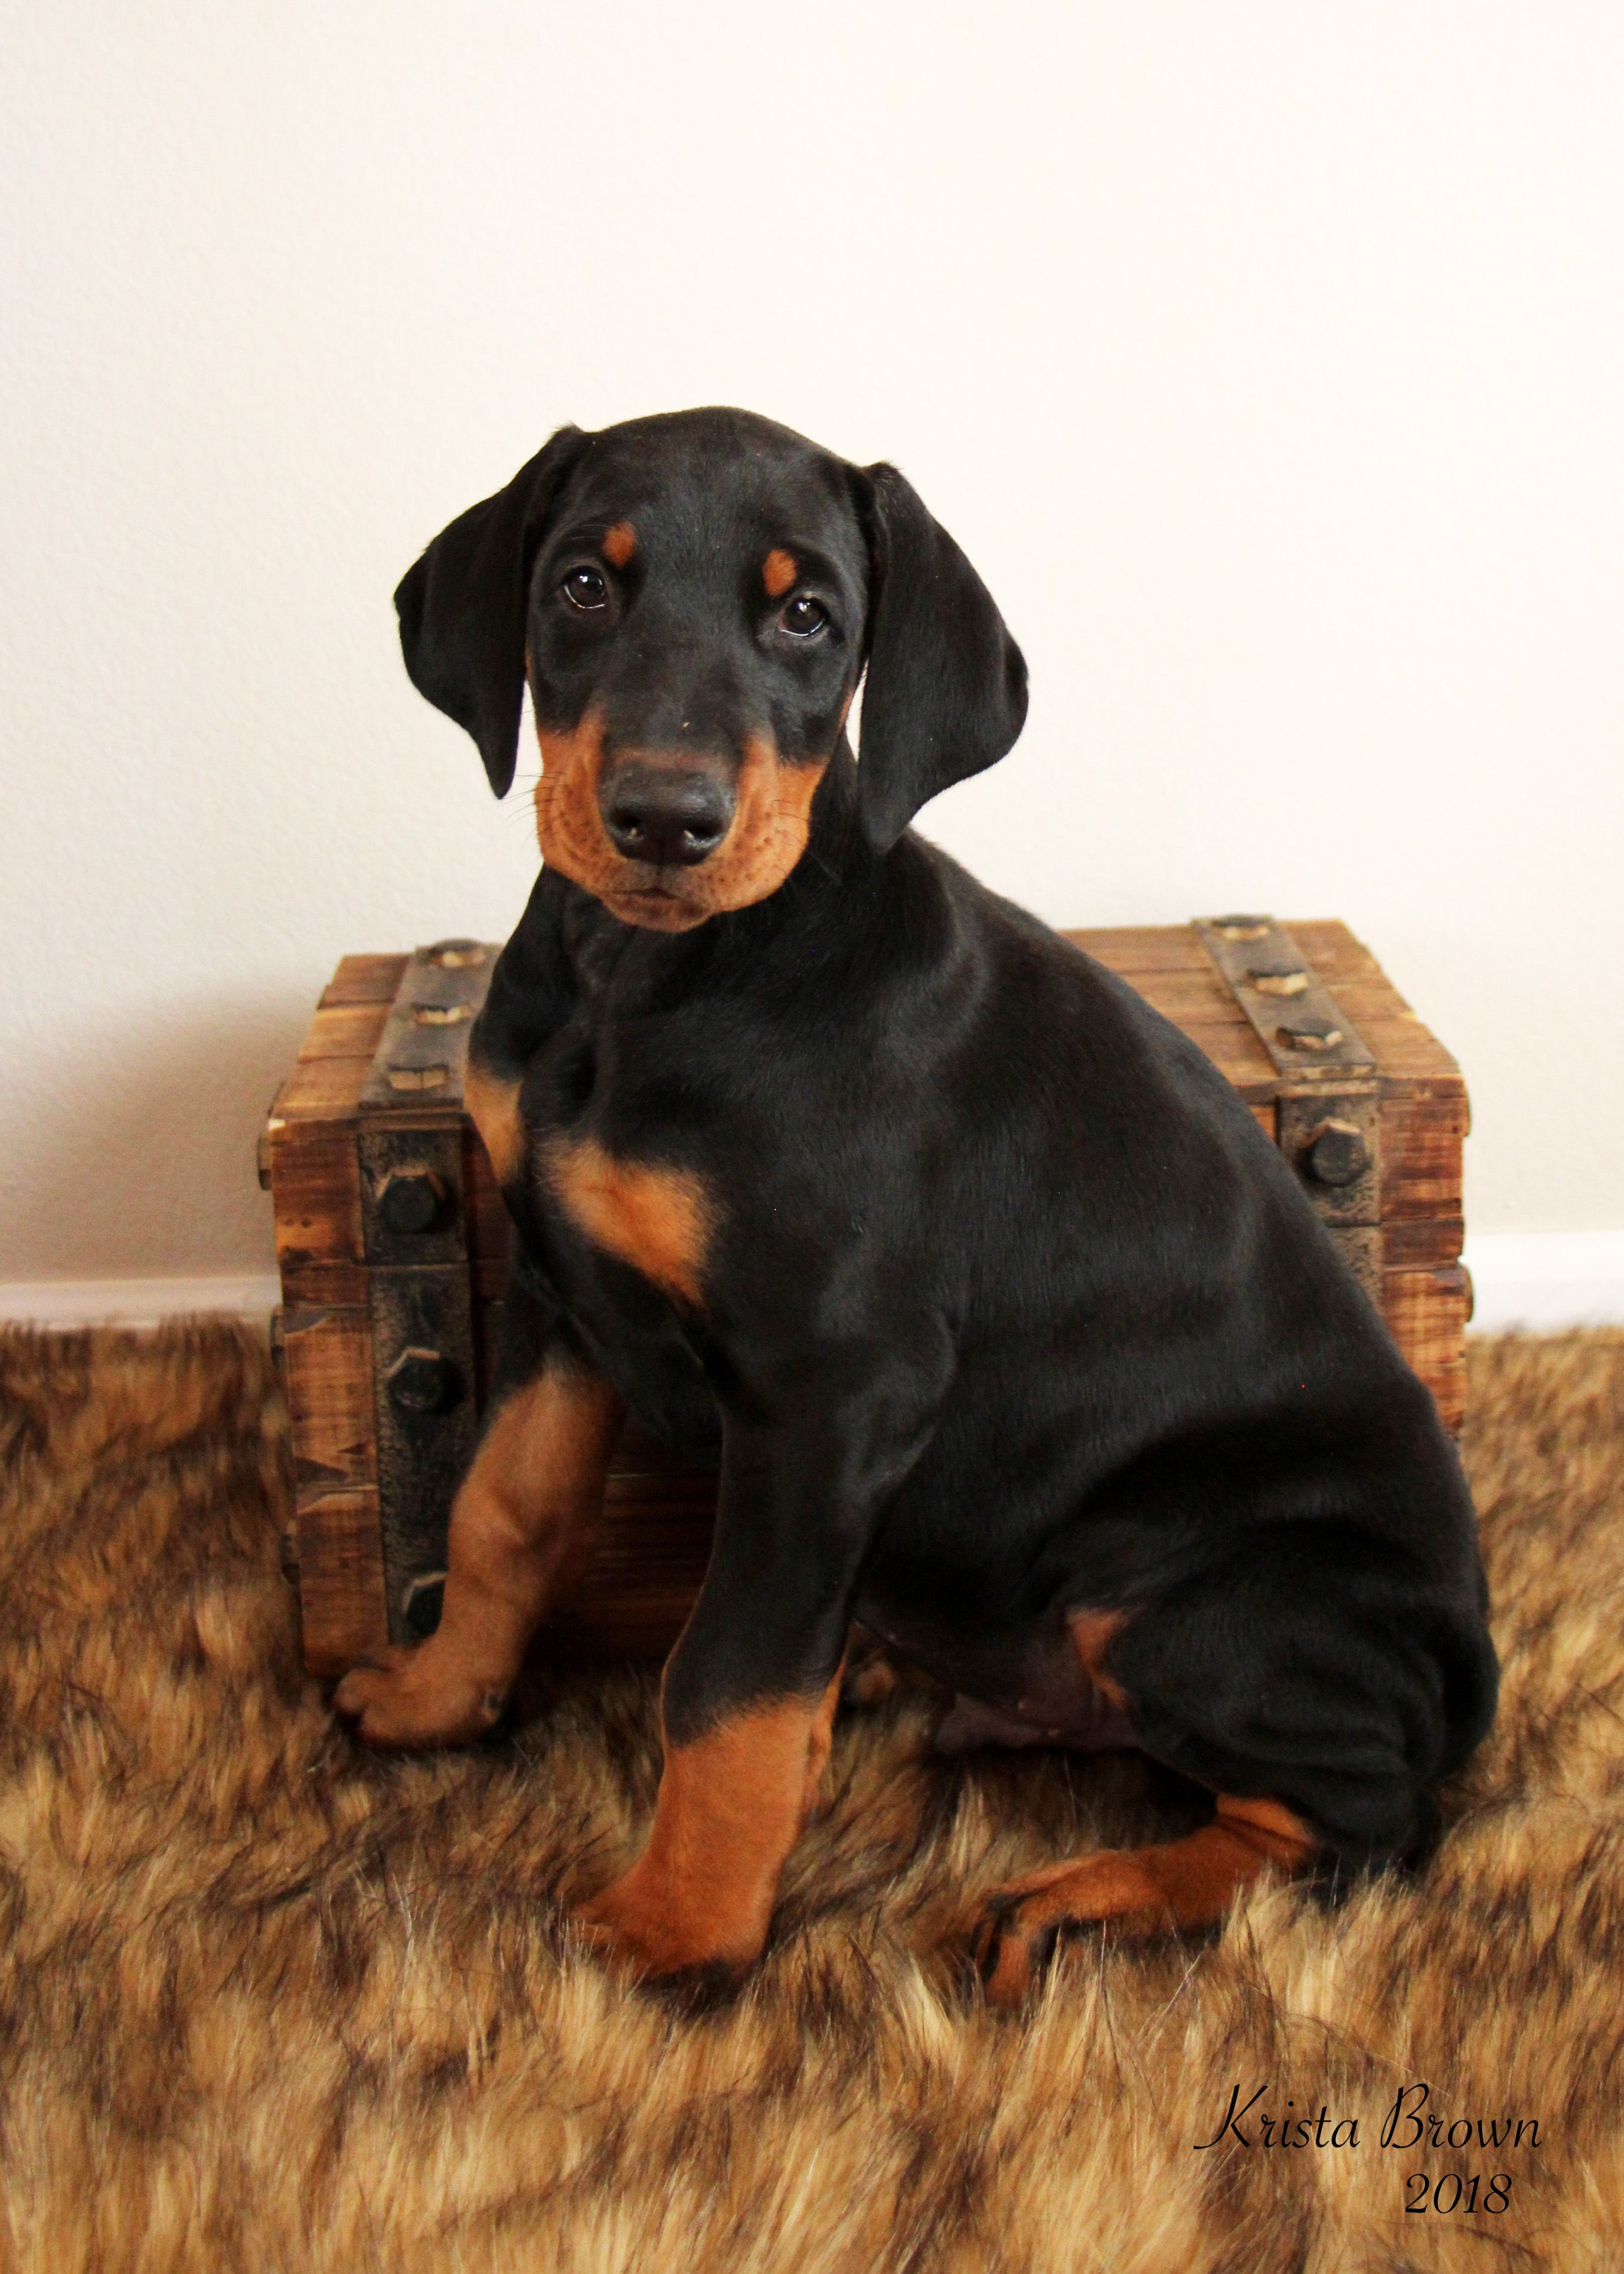 Doberman Pinscher Puppy 8 Weeks Old Labradorpuppy8weeksold